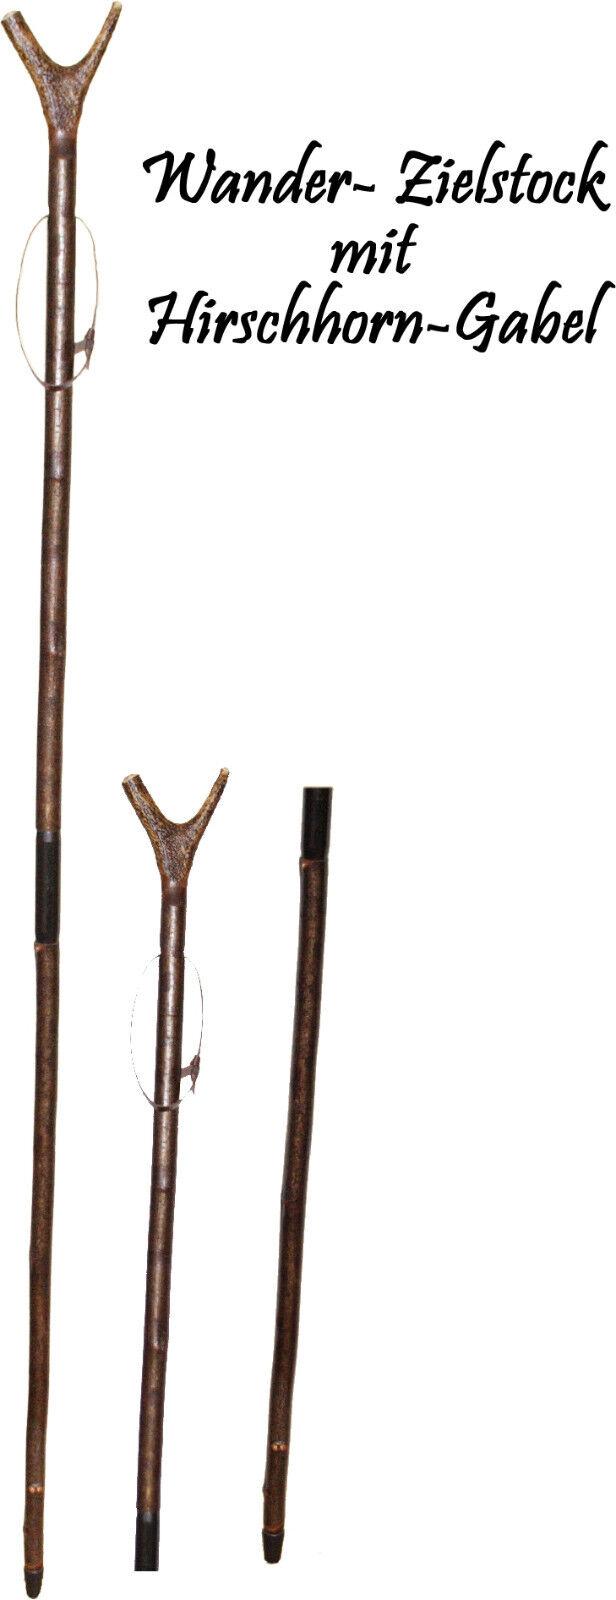 Zielstock  echte Hirschhorngabel Zielhilfe aus Haselnuss 2-teilig Jagd Wandern